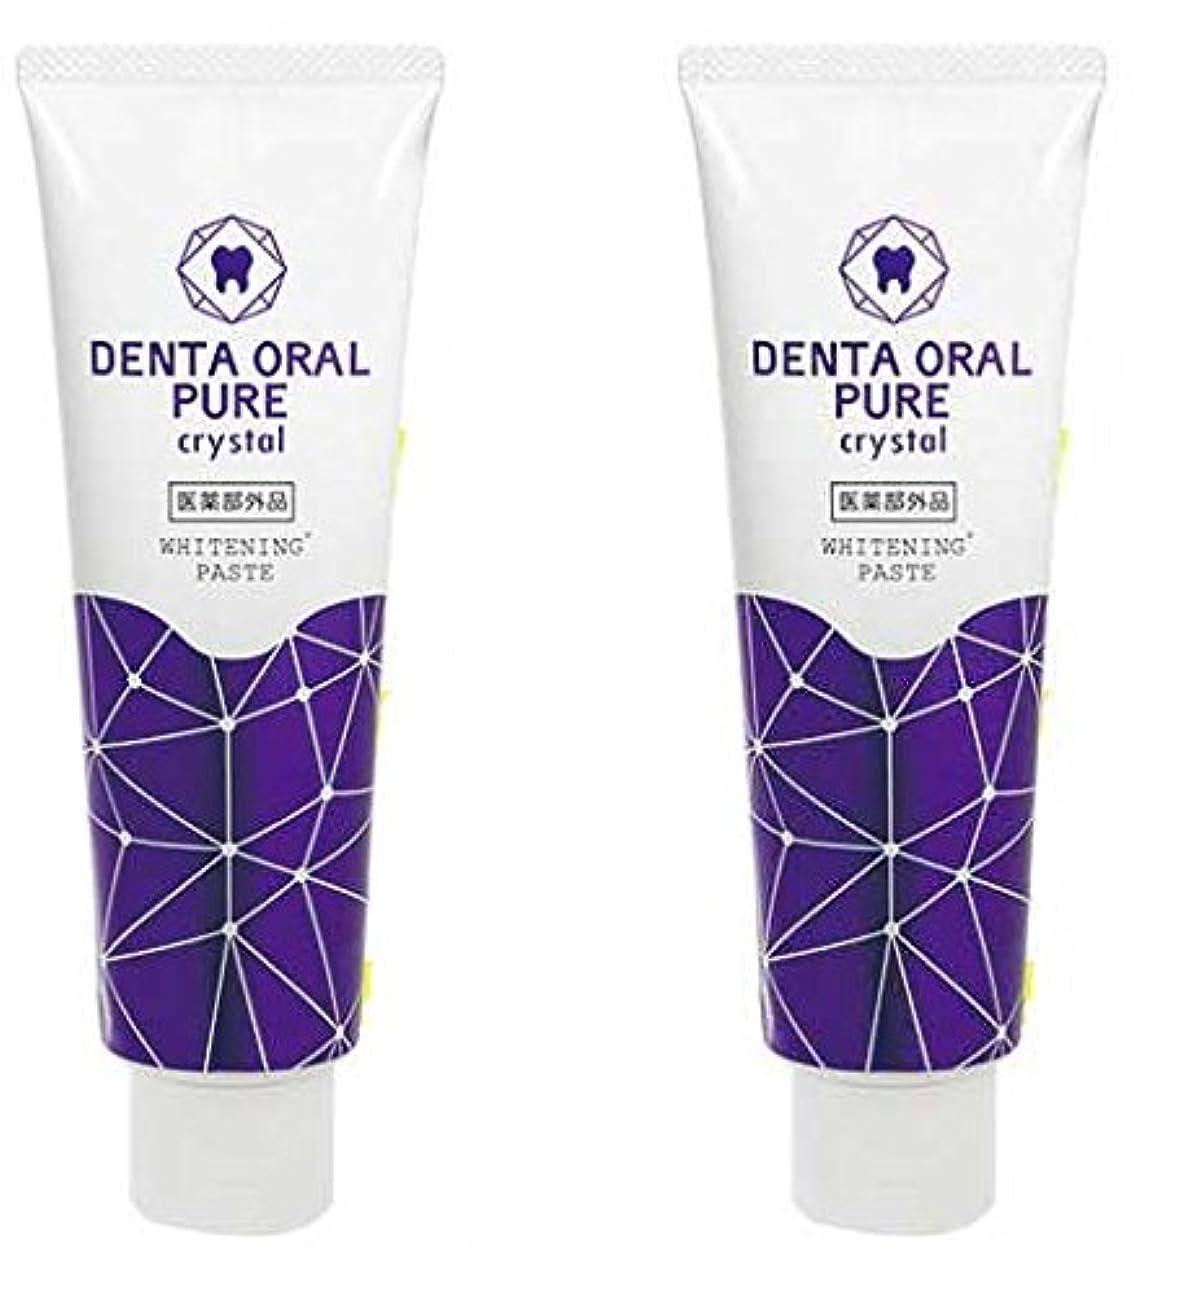 クリープ放課後入学するホワイトニング歯磨き粉 デンタオーラルピュア クリスタル 2個セット 医薬部外品